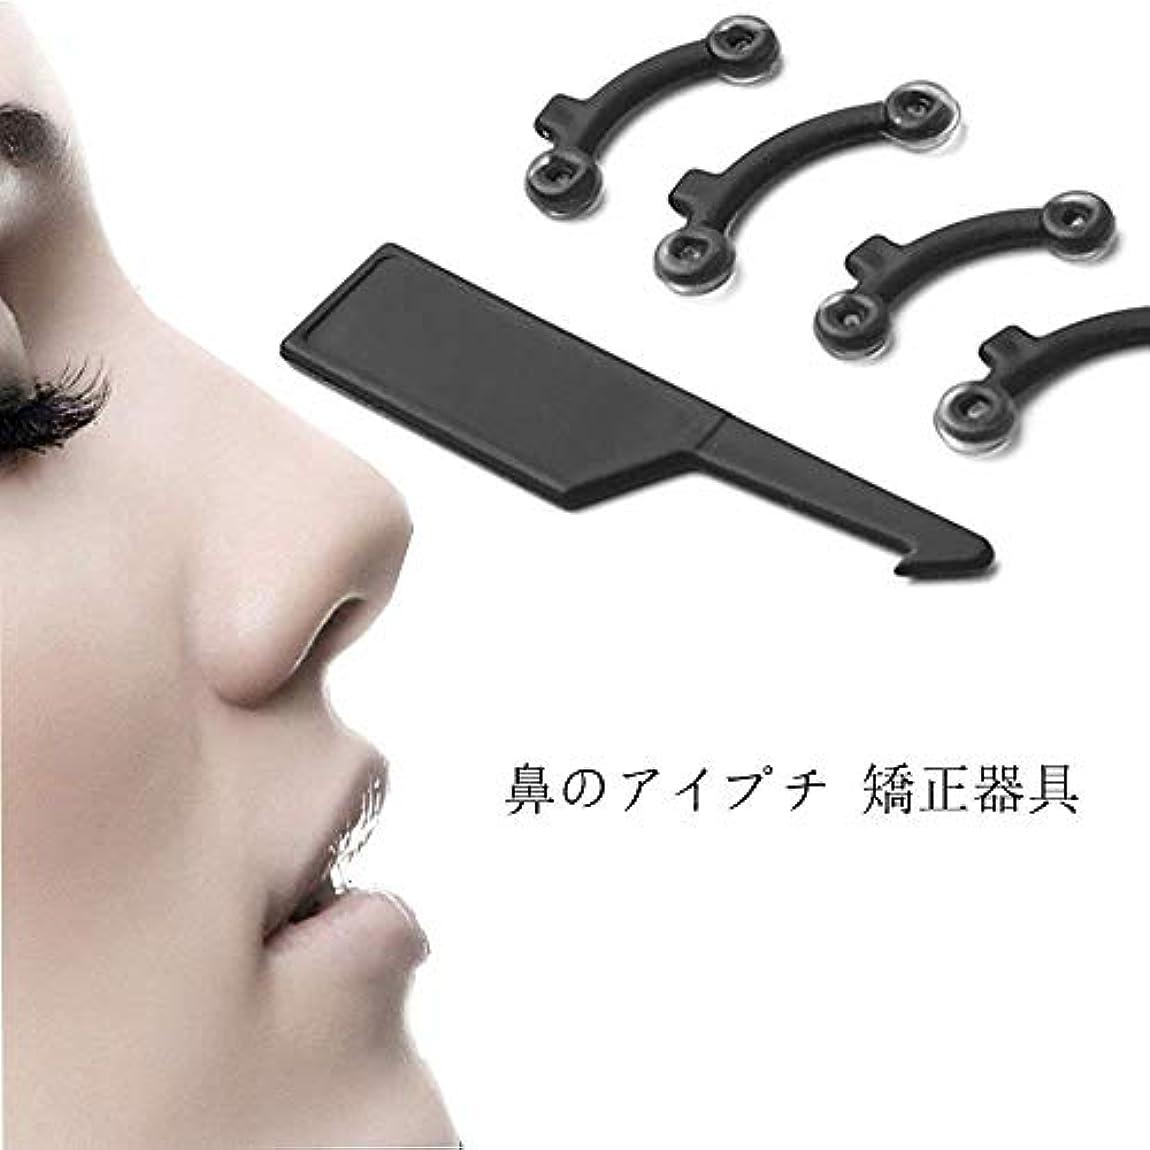 シーフード誰活性化するTyou 鼻プチ 鼻パッド 柔軟性高く 痛くない 医療用シリコン使用 鼻のアイプチ 矯正プチ 整形せず